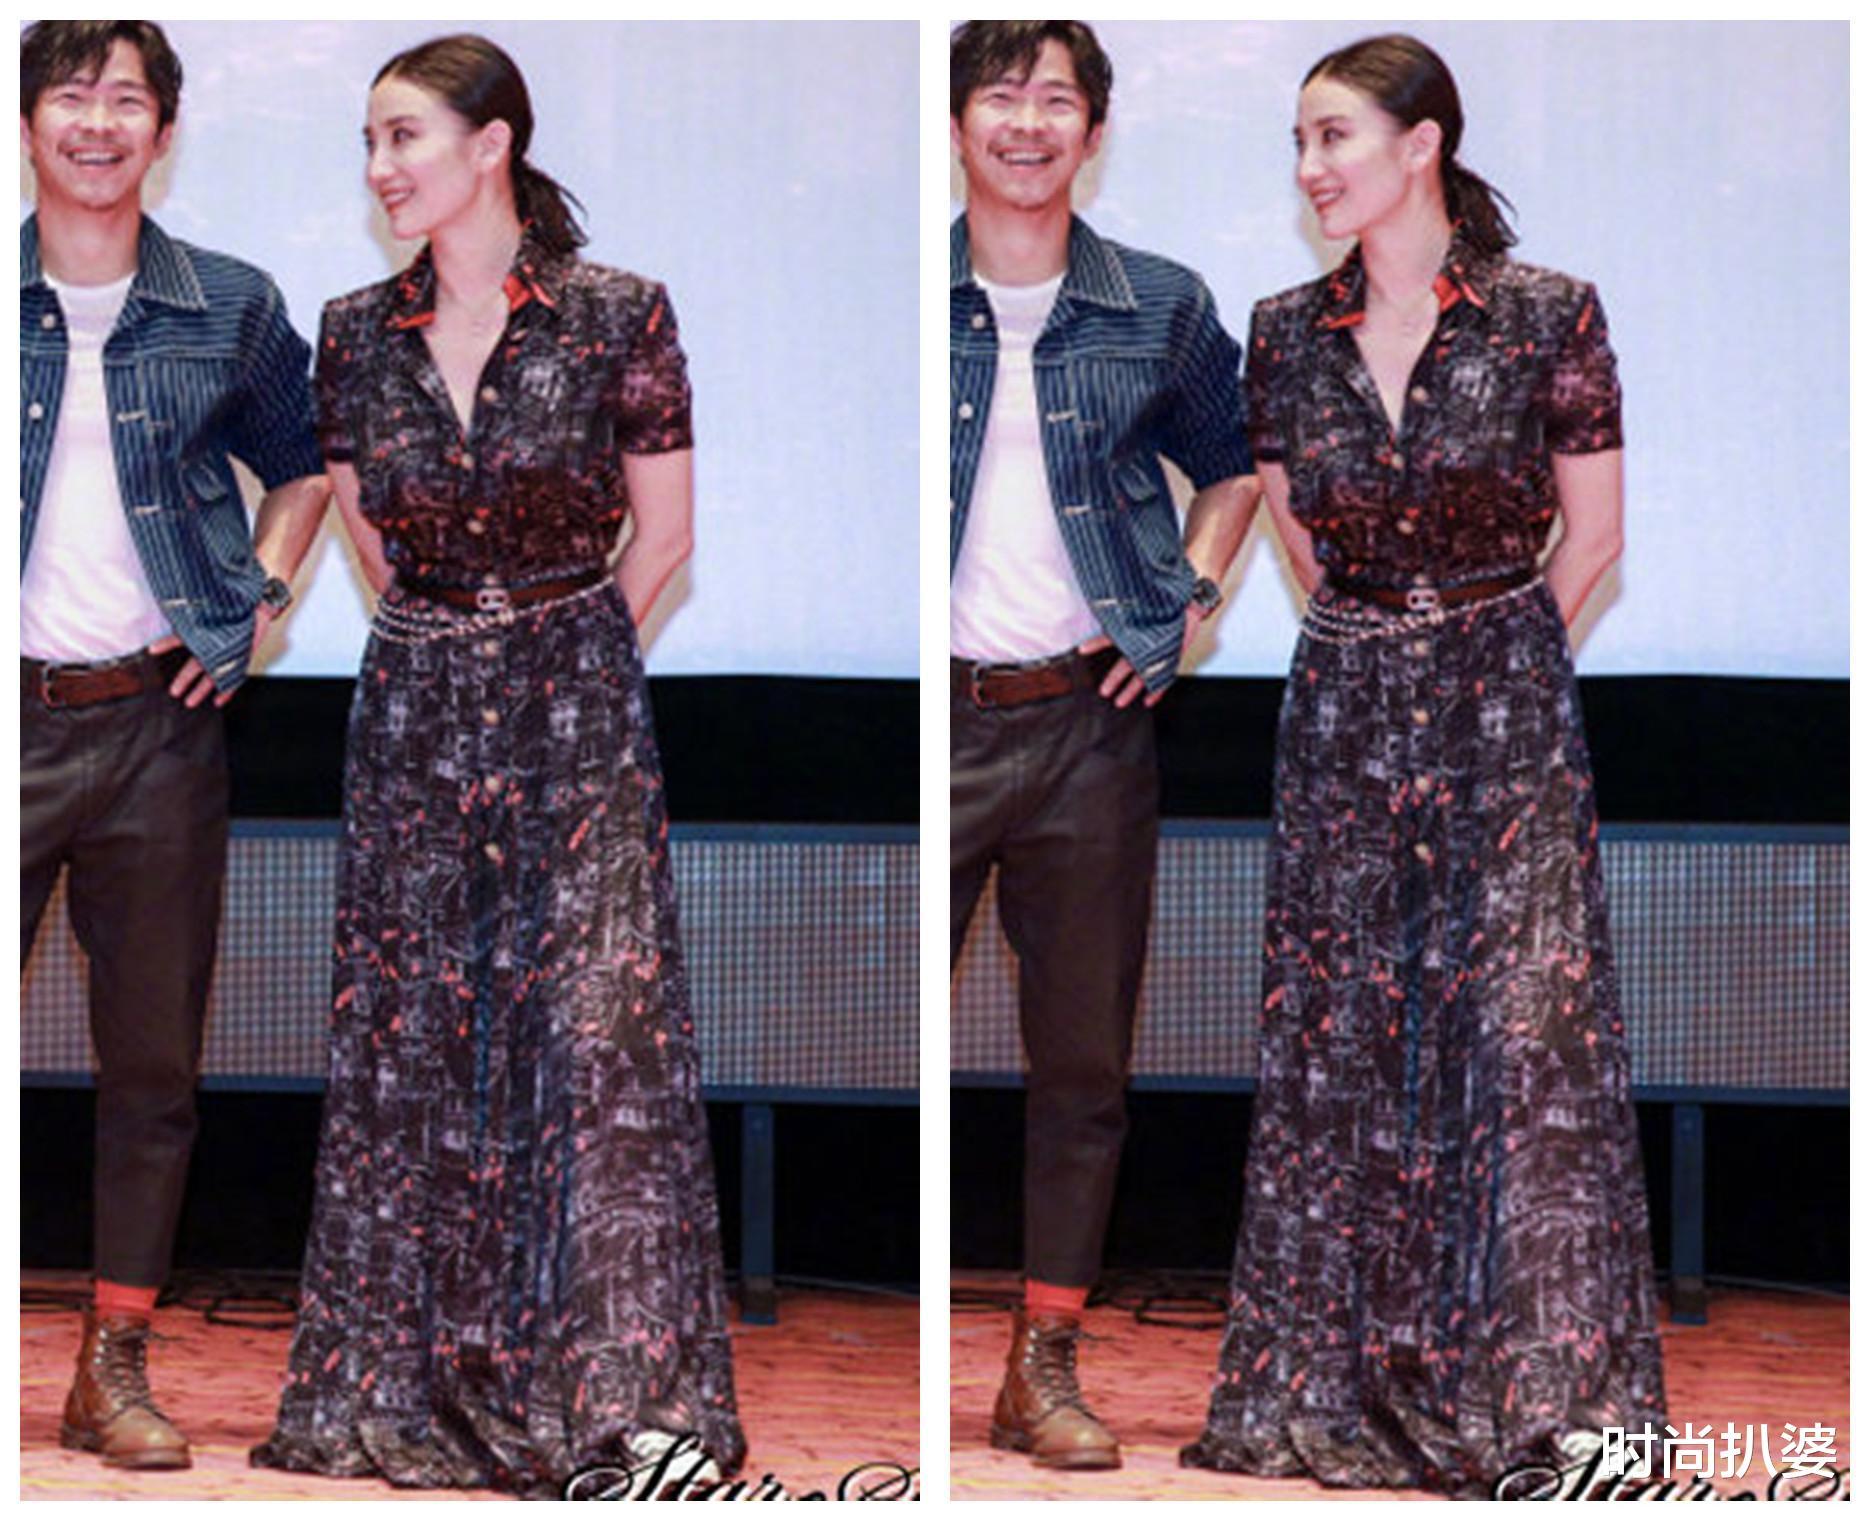 紅毯造型,49歲閆妮秀身材卻被妝容扣分,袁姍姍挑戰熱巴同系列人魚裙翻車-圖4